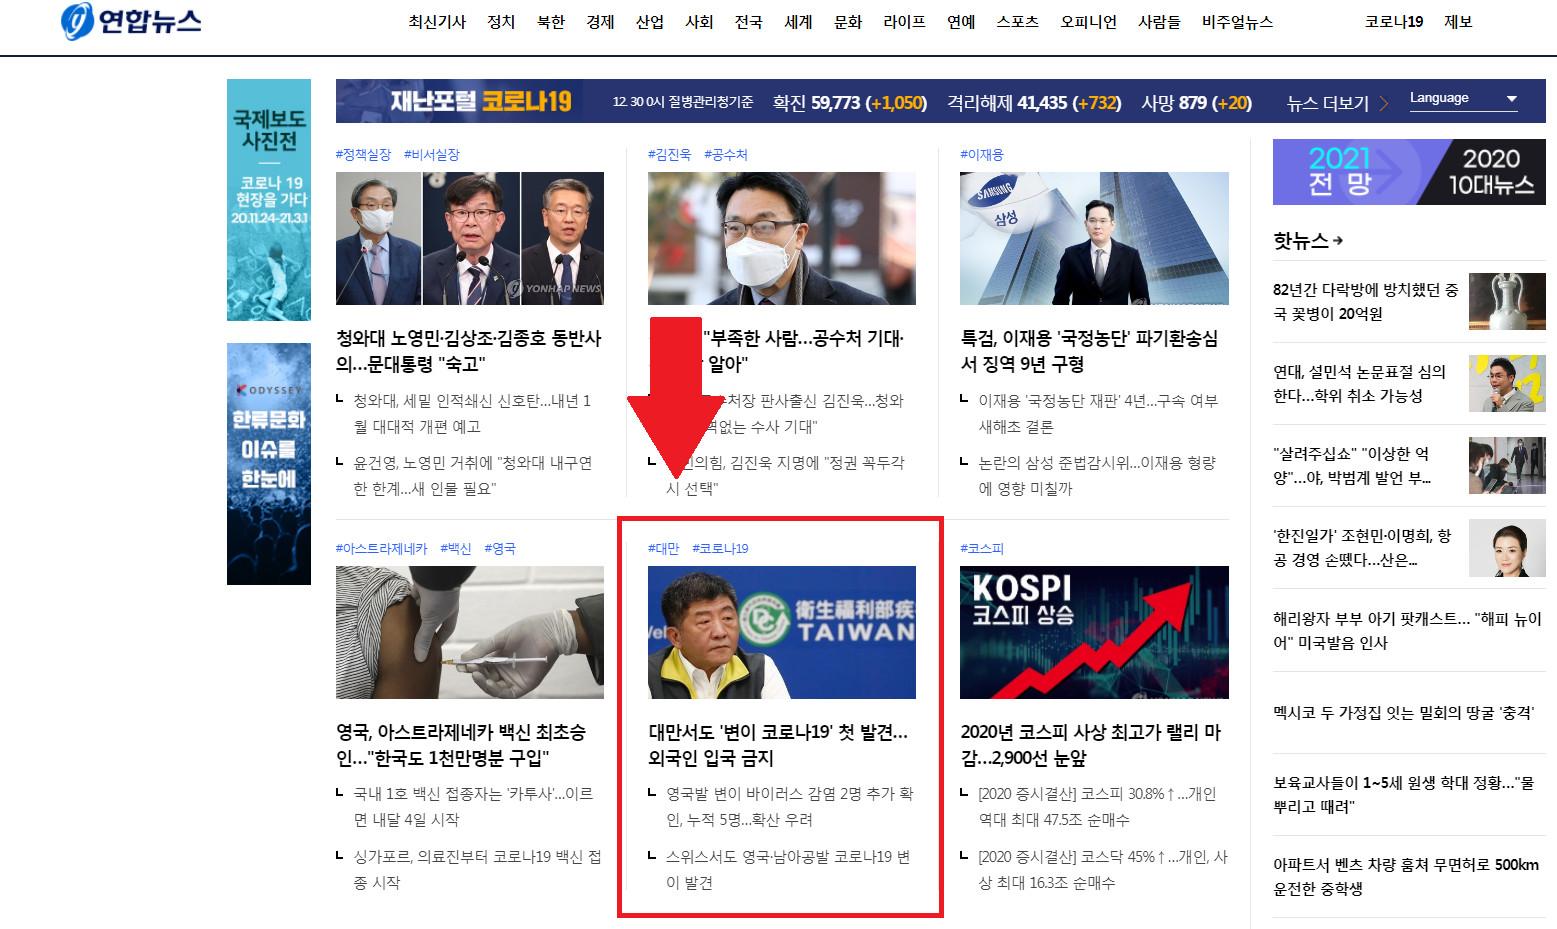 ▲▼台灣出現首例新冠病毒確診,引起韓媒高度關注。(圖/翻攝自연합뉴스)